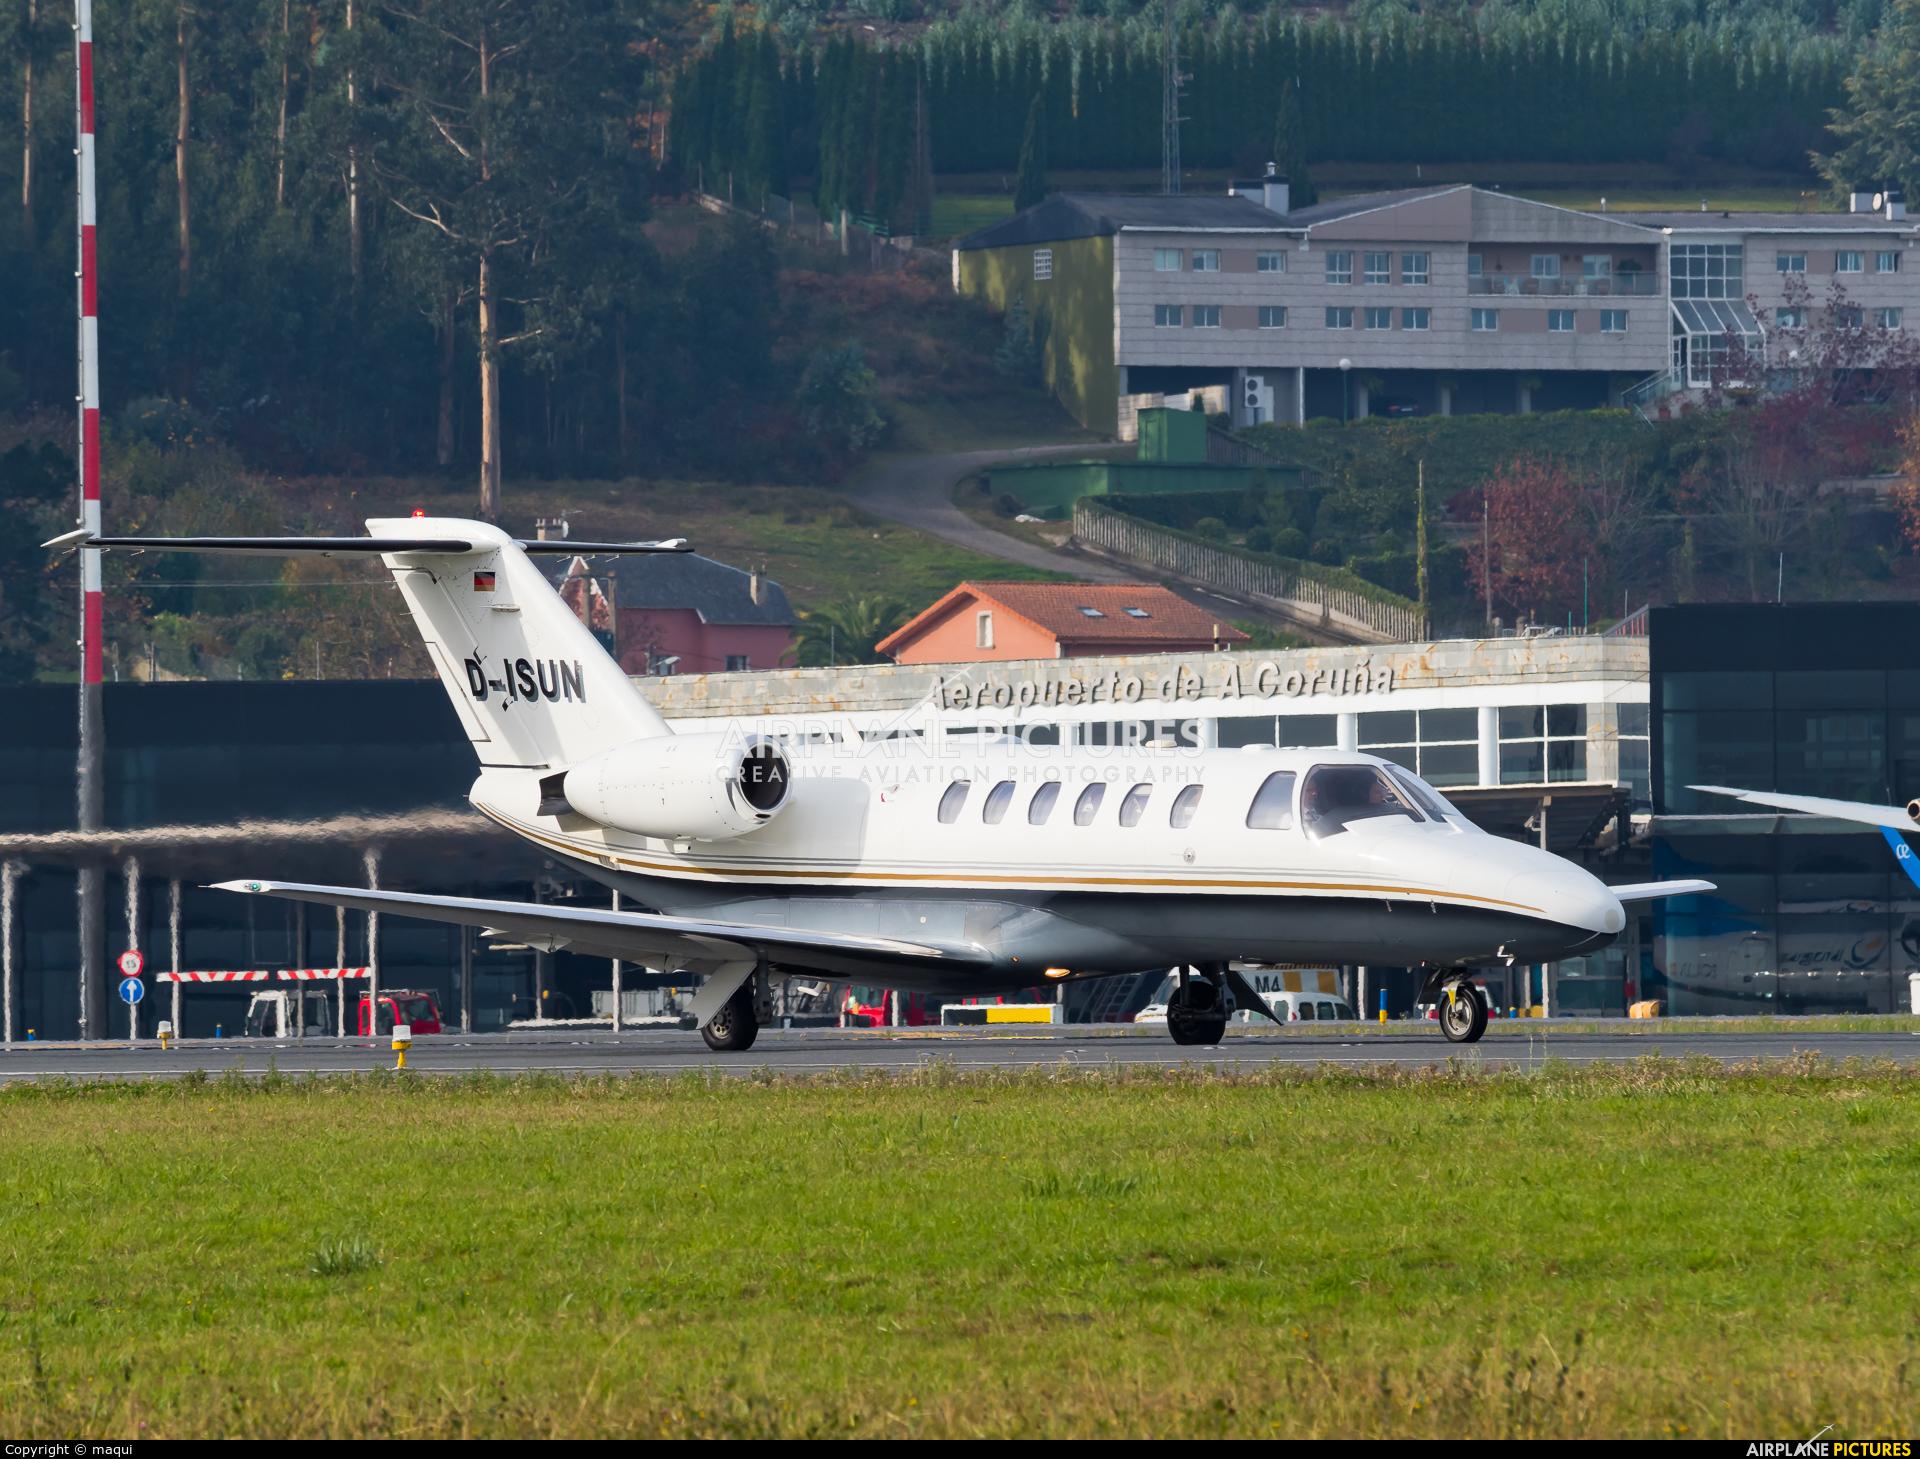 Private D-ISUN aircraft at La Coruña